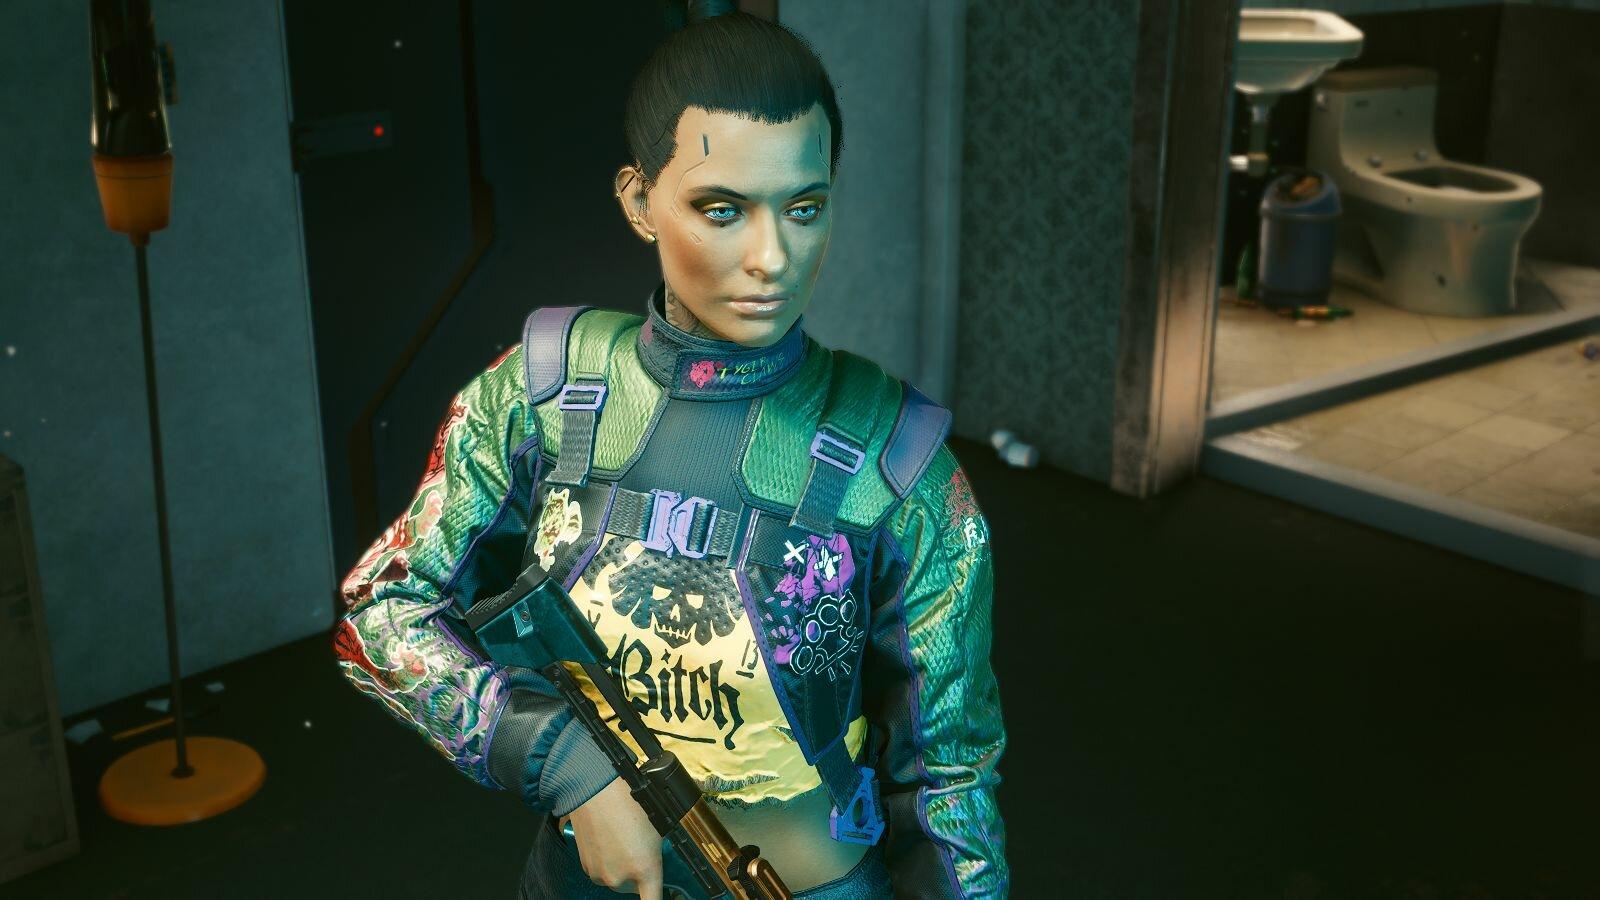 ..... Cyberpunk 2077